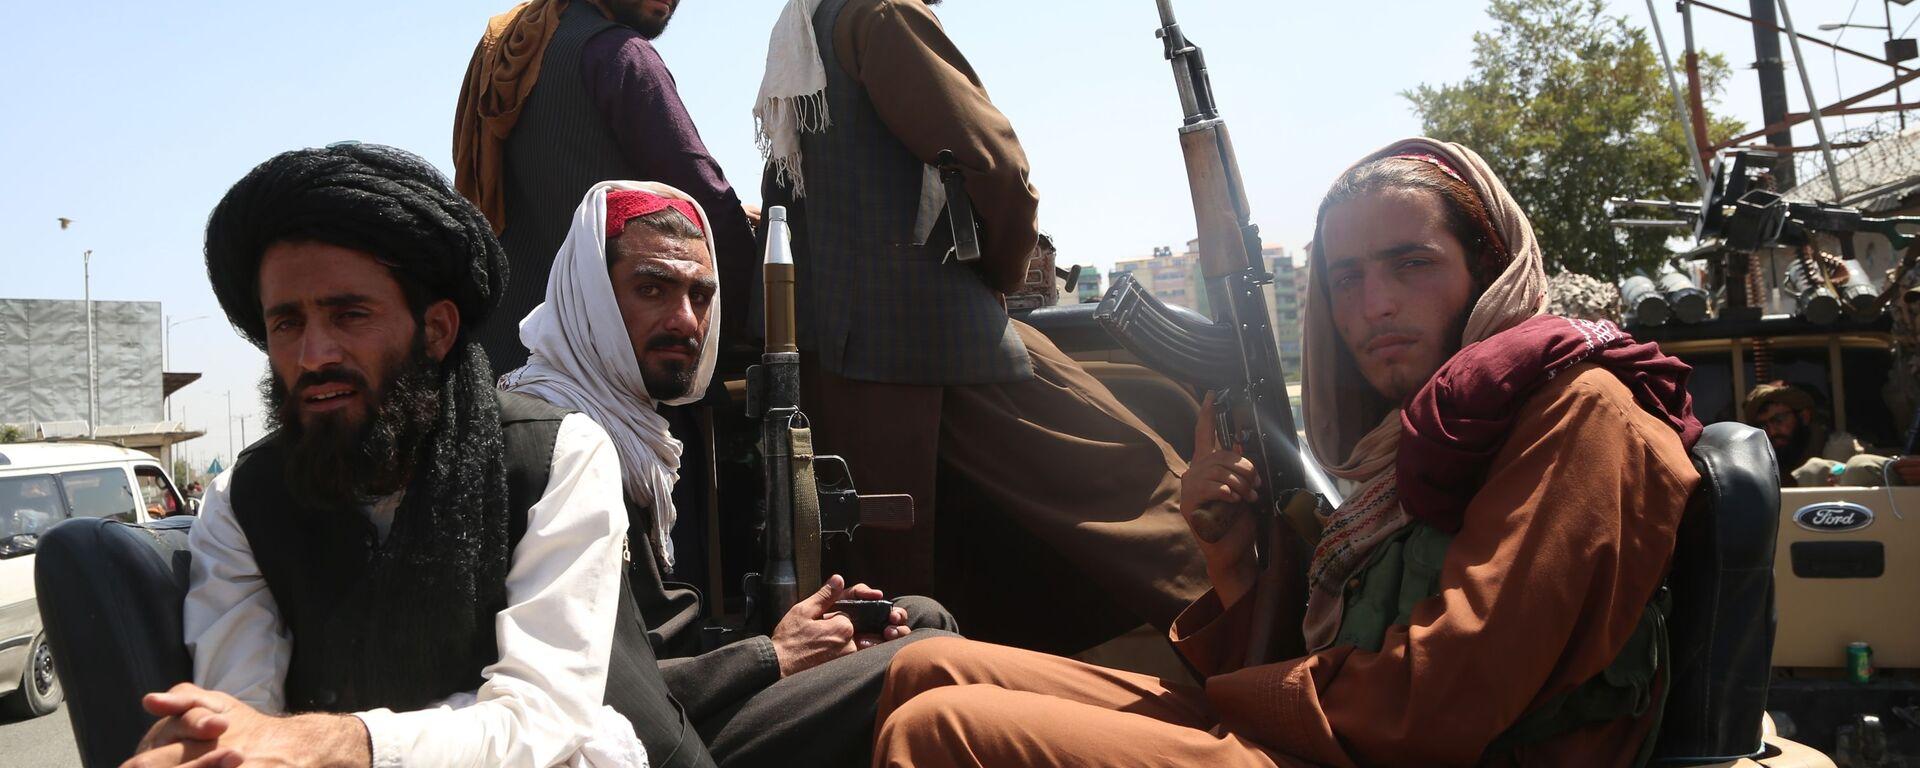 Situation en Afghanistan après la reprise du pouvoir par les talibans* - Sputnik France, 1920, 17.08.2021